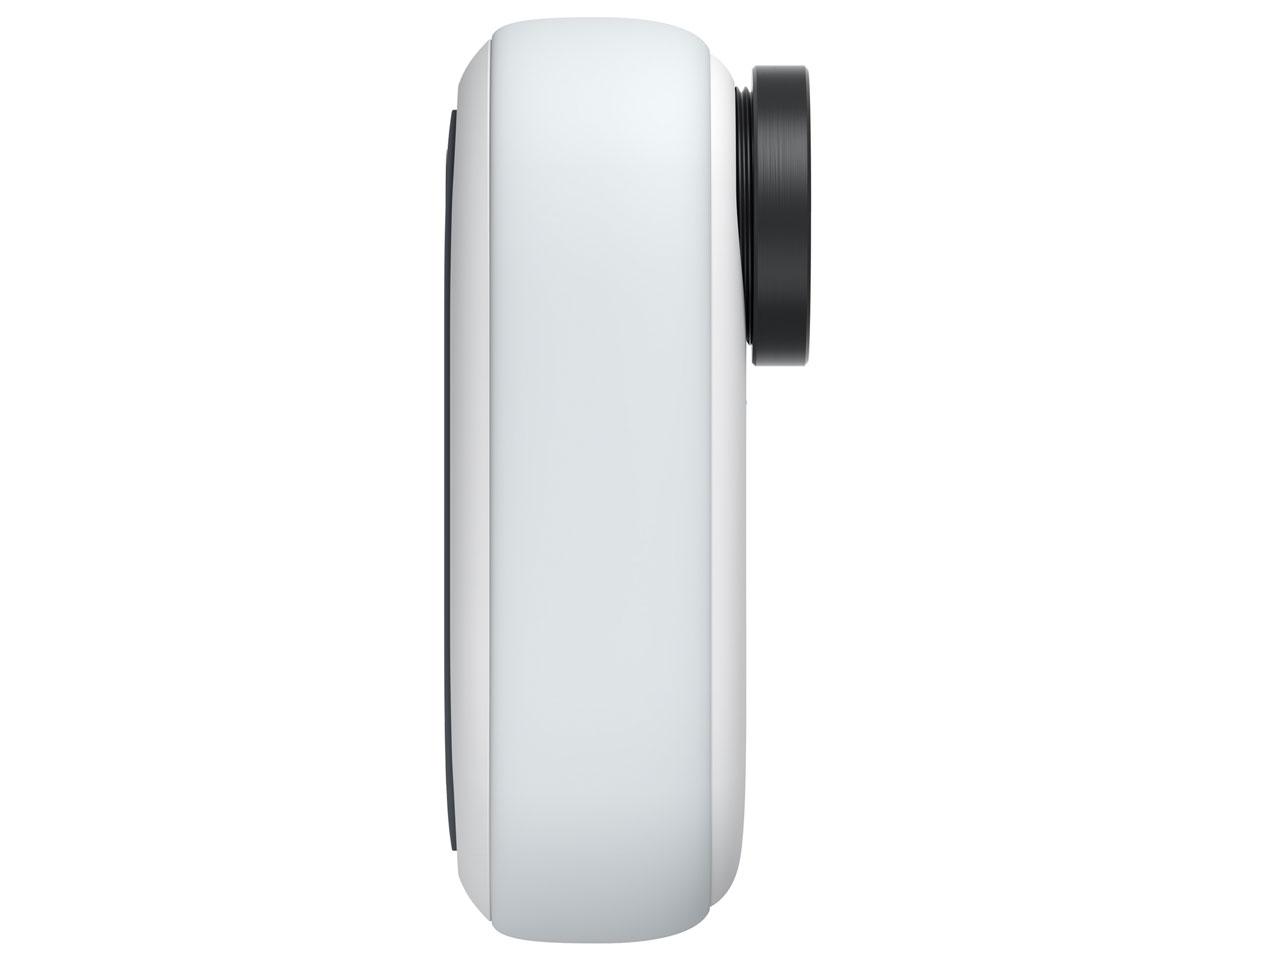 『本体 左側面』 Insta360 GO 2 の製品画像